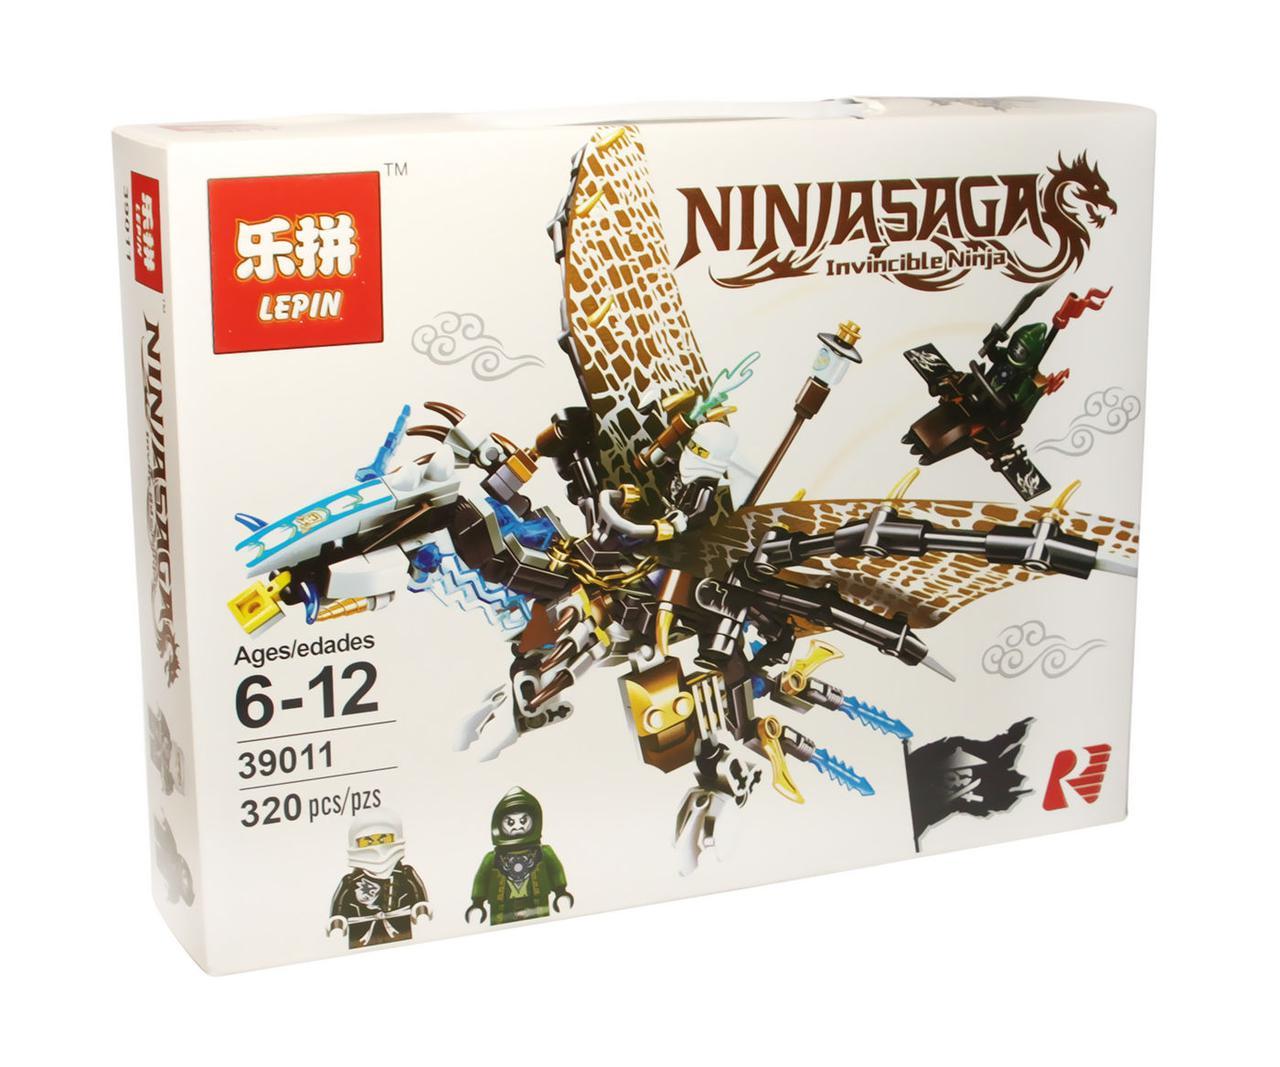 Конструктор аналог лего Lepin Ниндзяго (Ледяной дракон Зейна), 320 дет